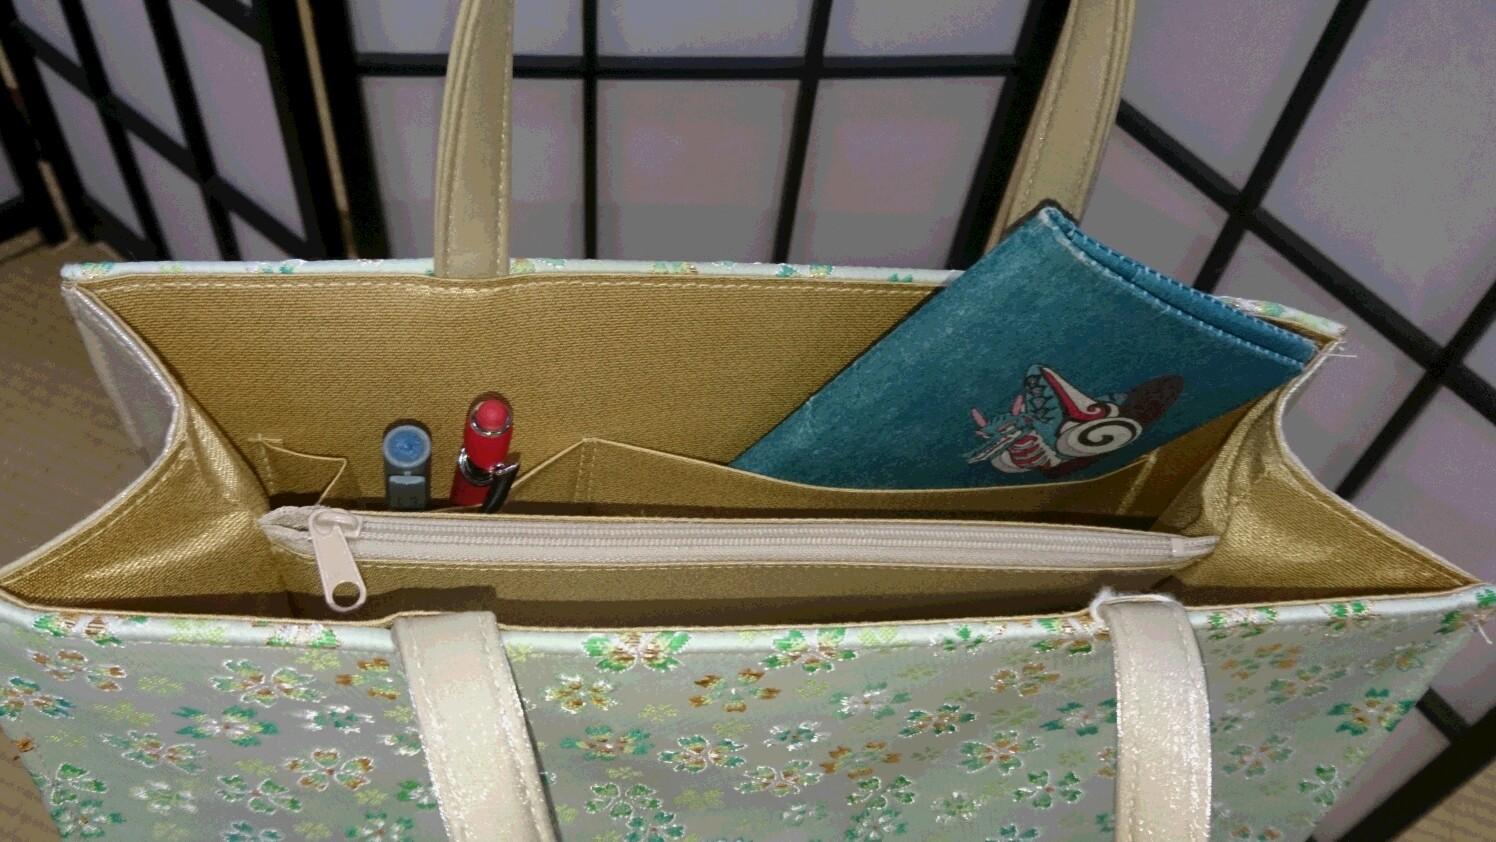 板橋区、高島平きもの専門店の呉服や光永のイチオシ手提げバッグ